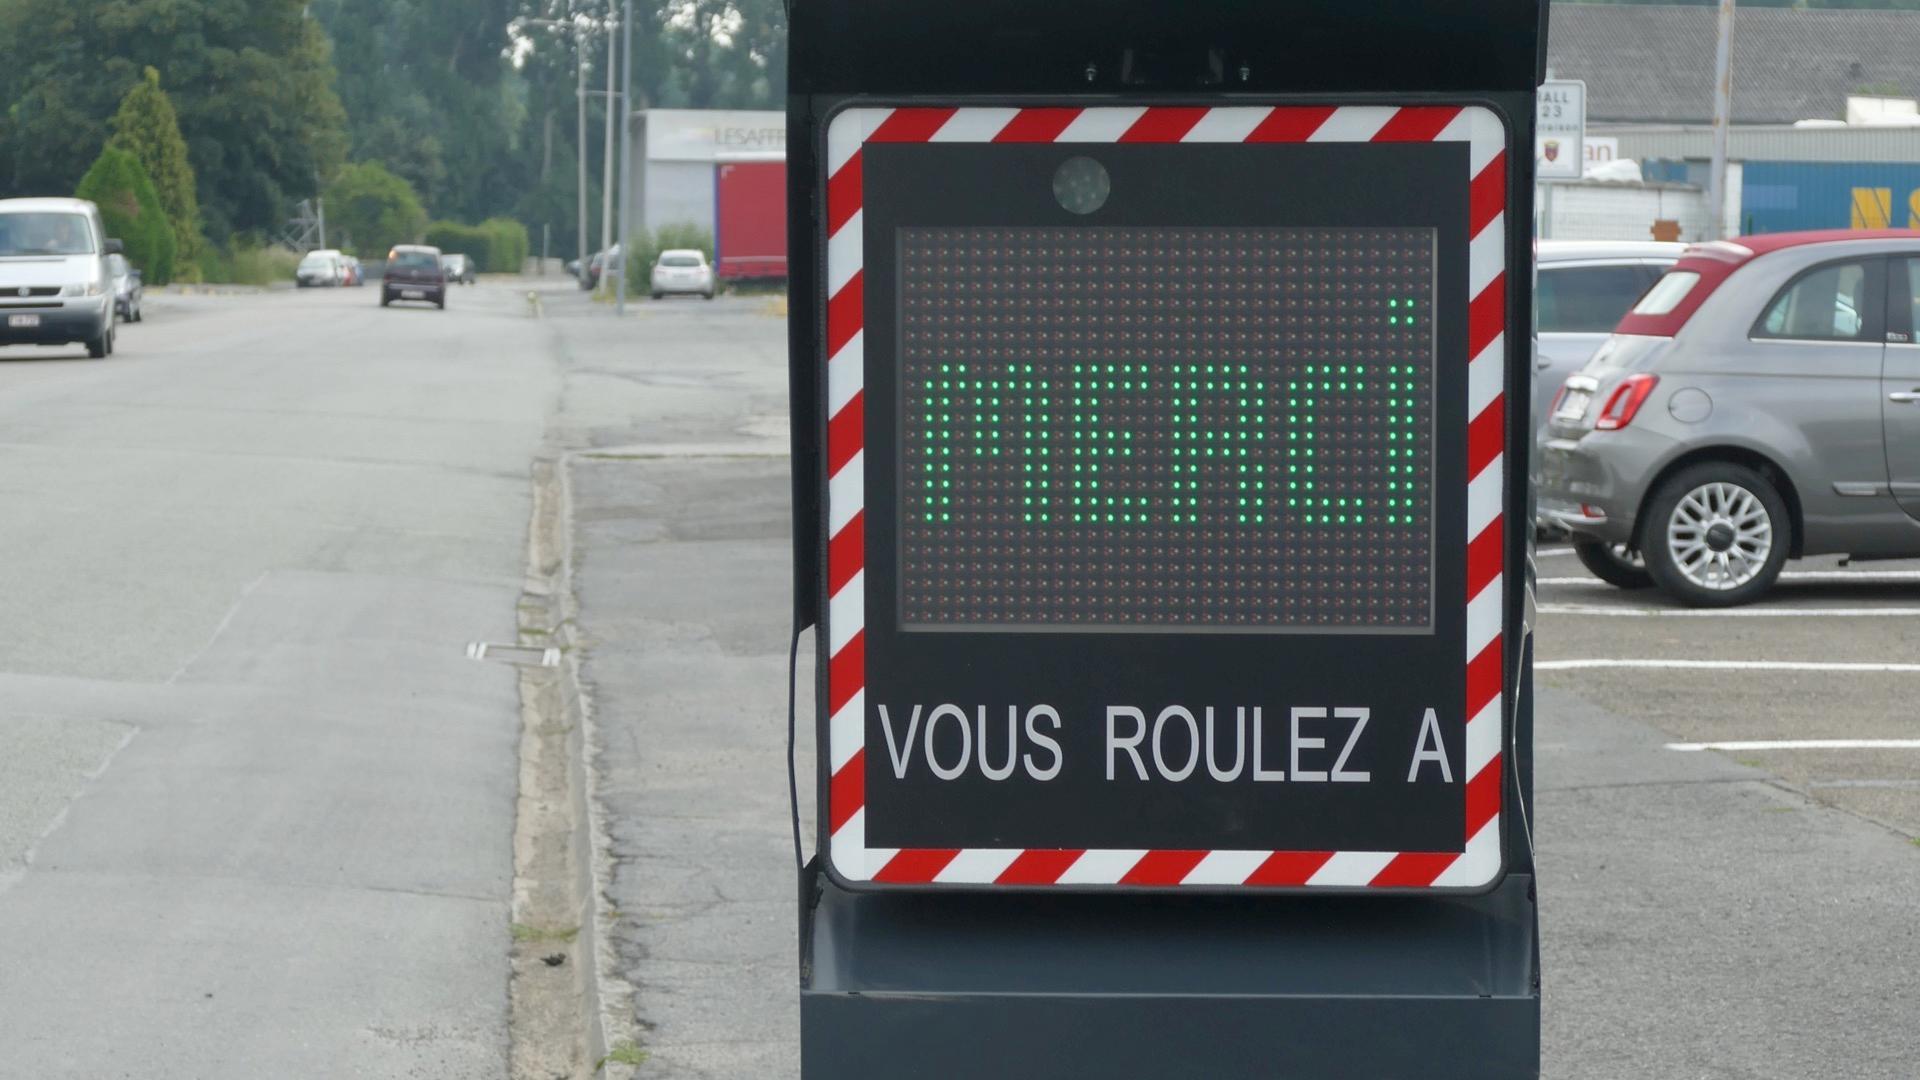 3 nouveaux radars mobiles préventifs vont être installés dans Tournai